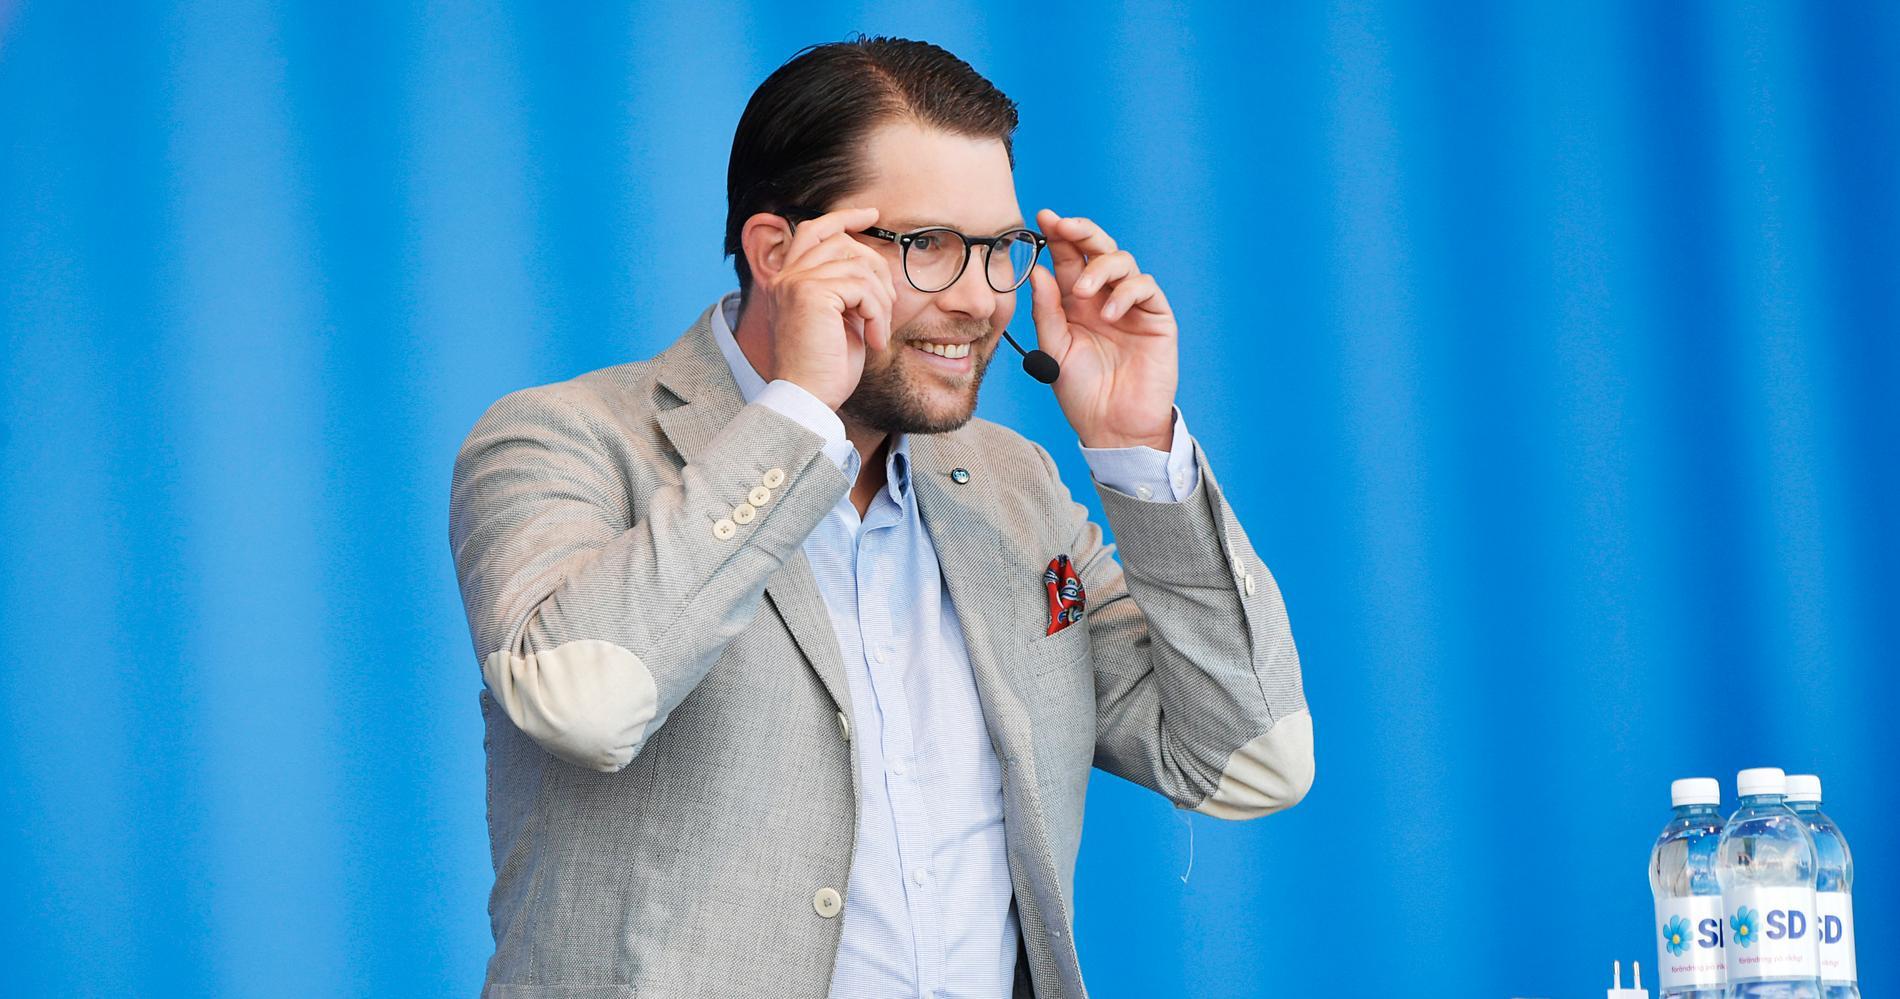 Jimmie Åkesson och Sverigedemokraterna vill förändra kvinnors förutsättningar rejält.